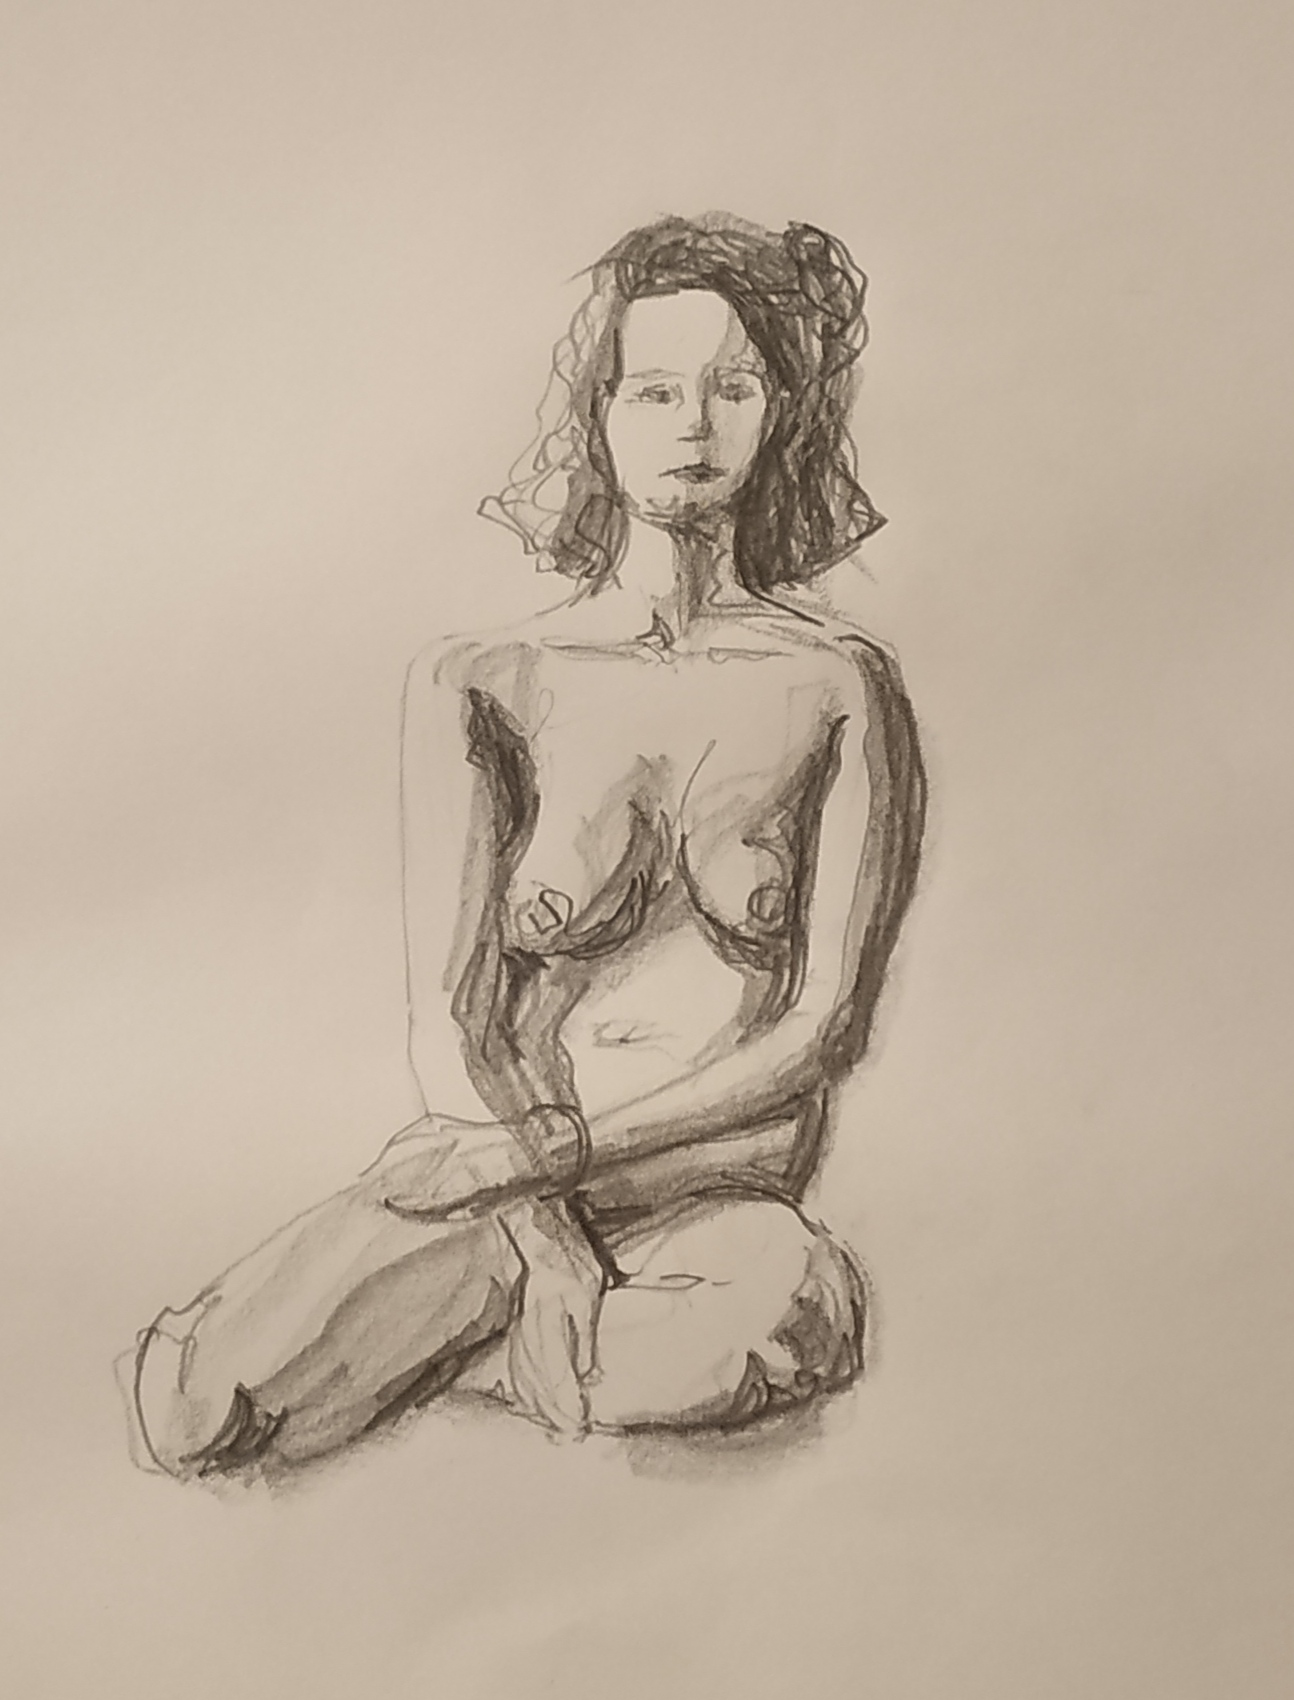 Croquis sur le vif au graphite sur papier  cours de dessin